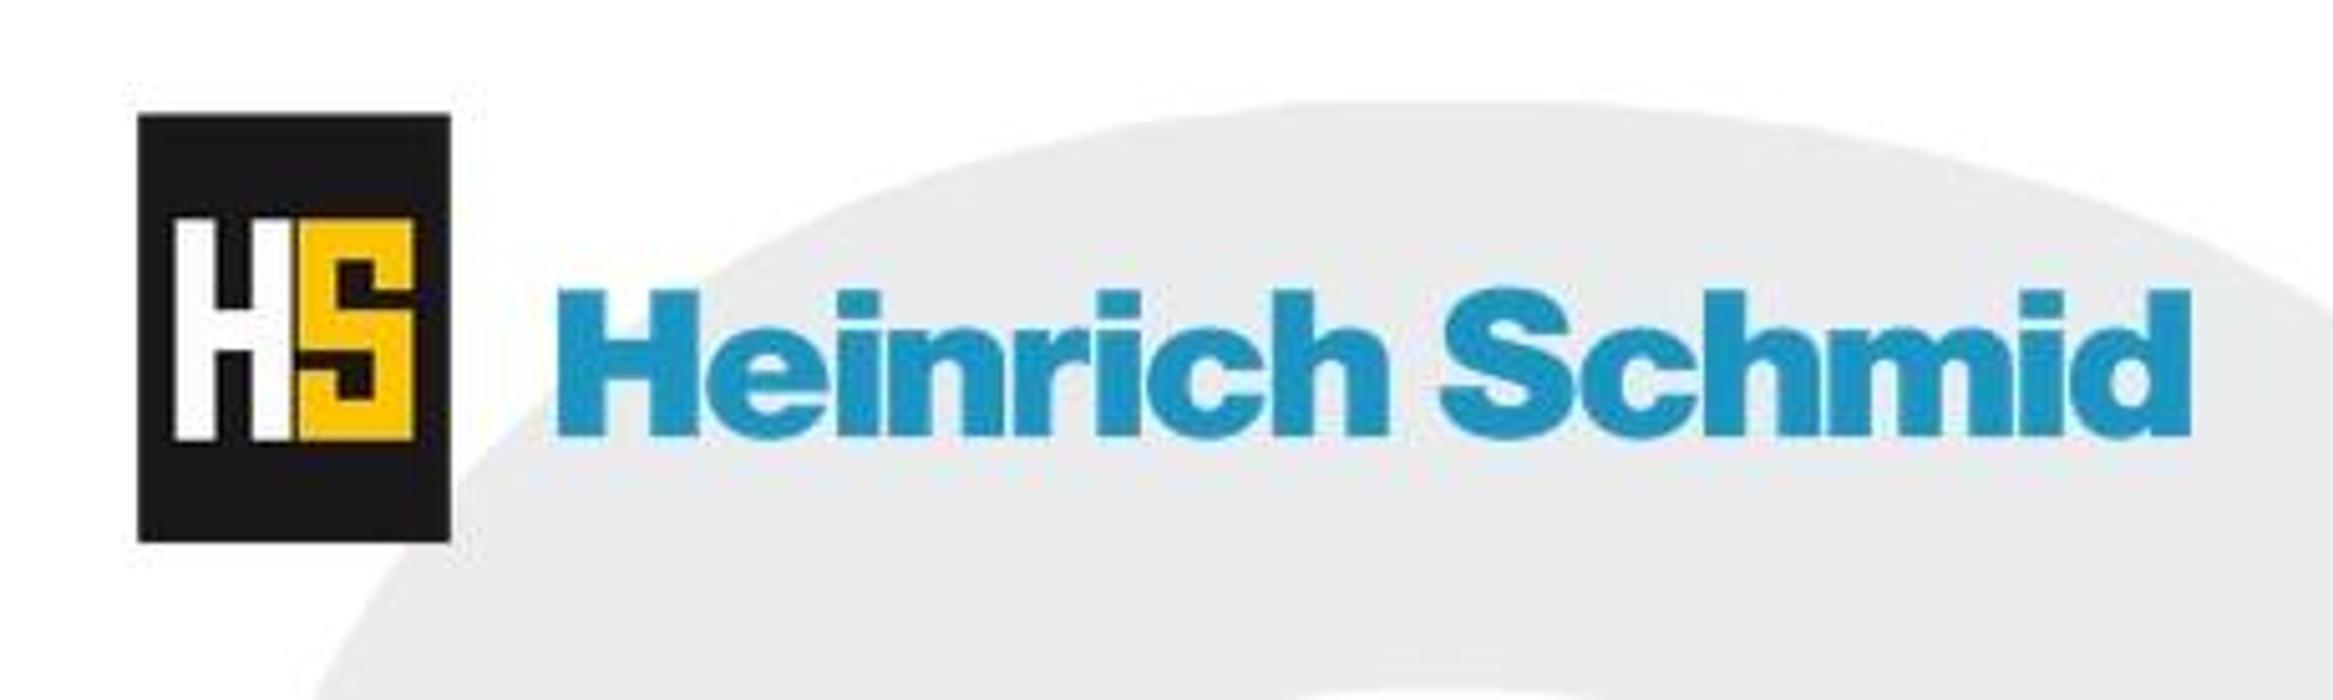 Heinrich Schmid GmbH & Co. KG in Freiburg im Breisgau